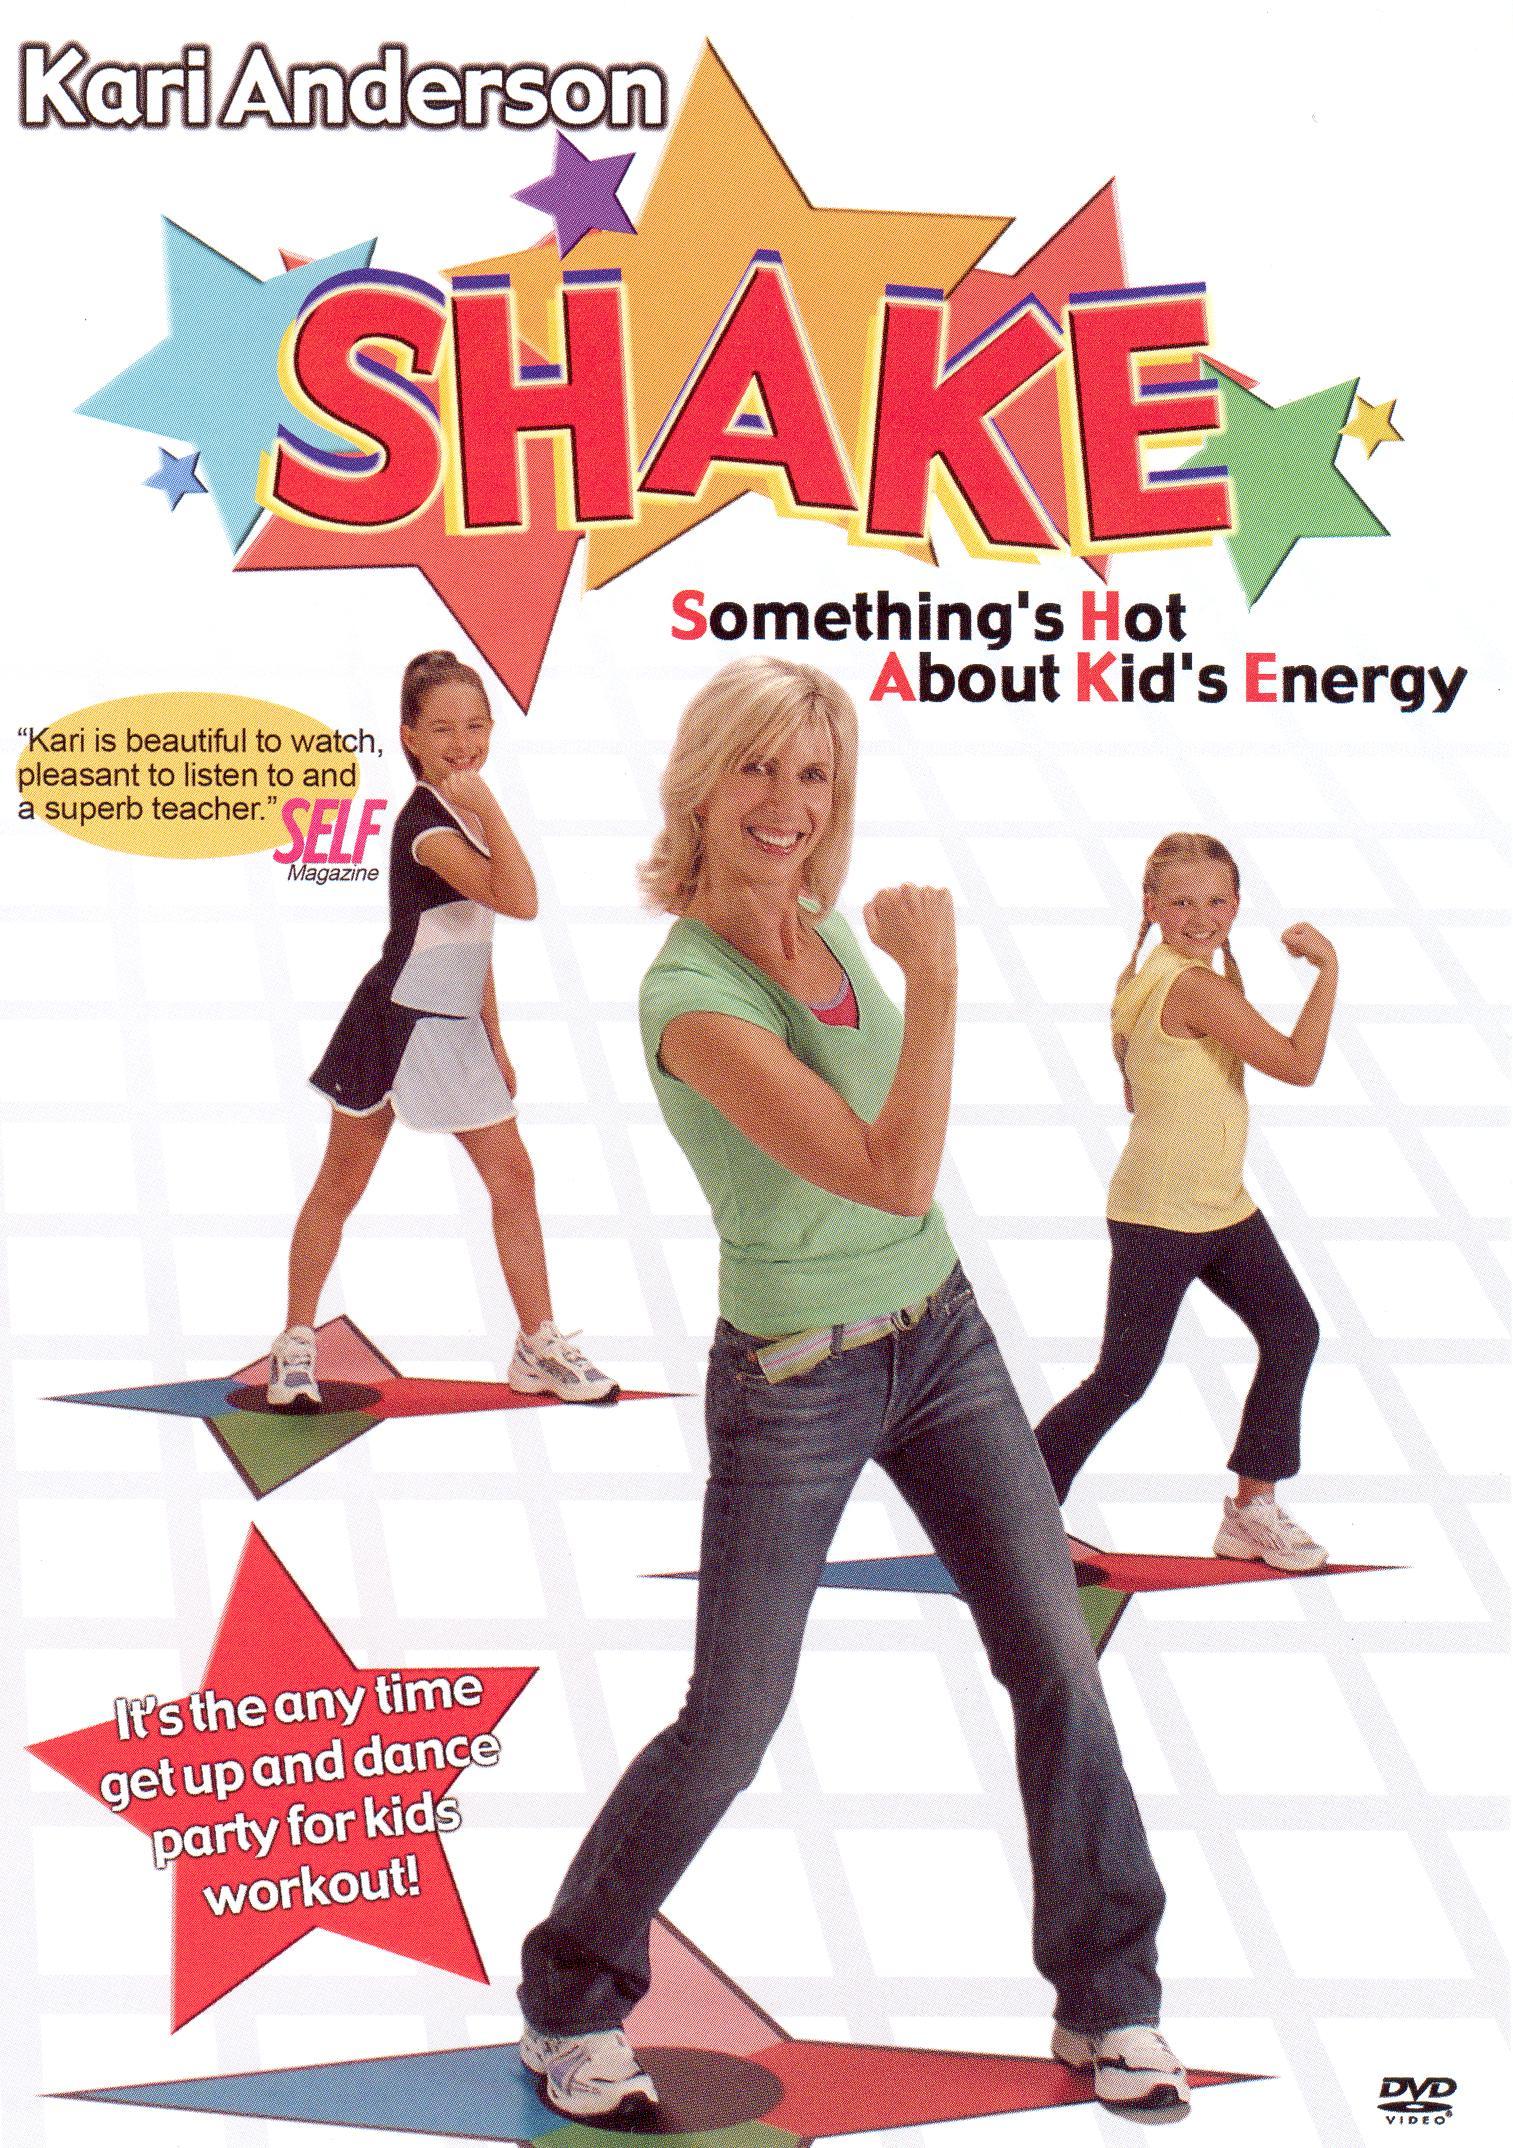 Kari Anderson: Shake